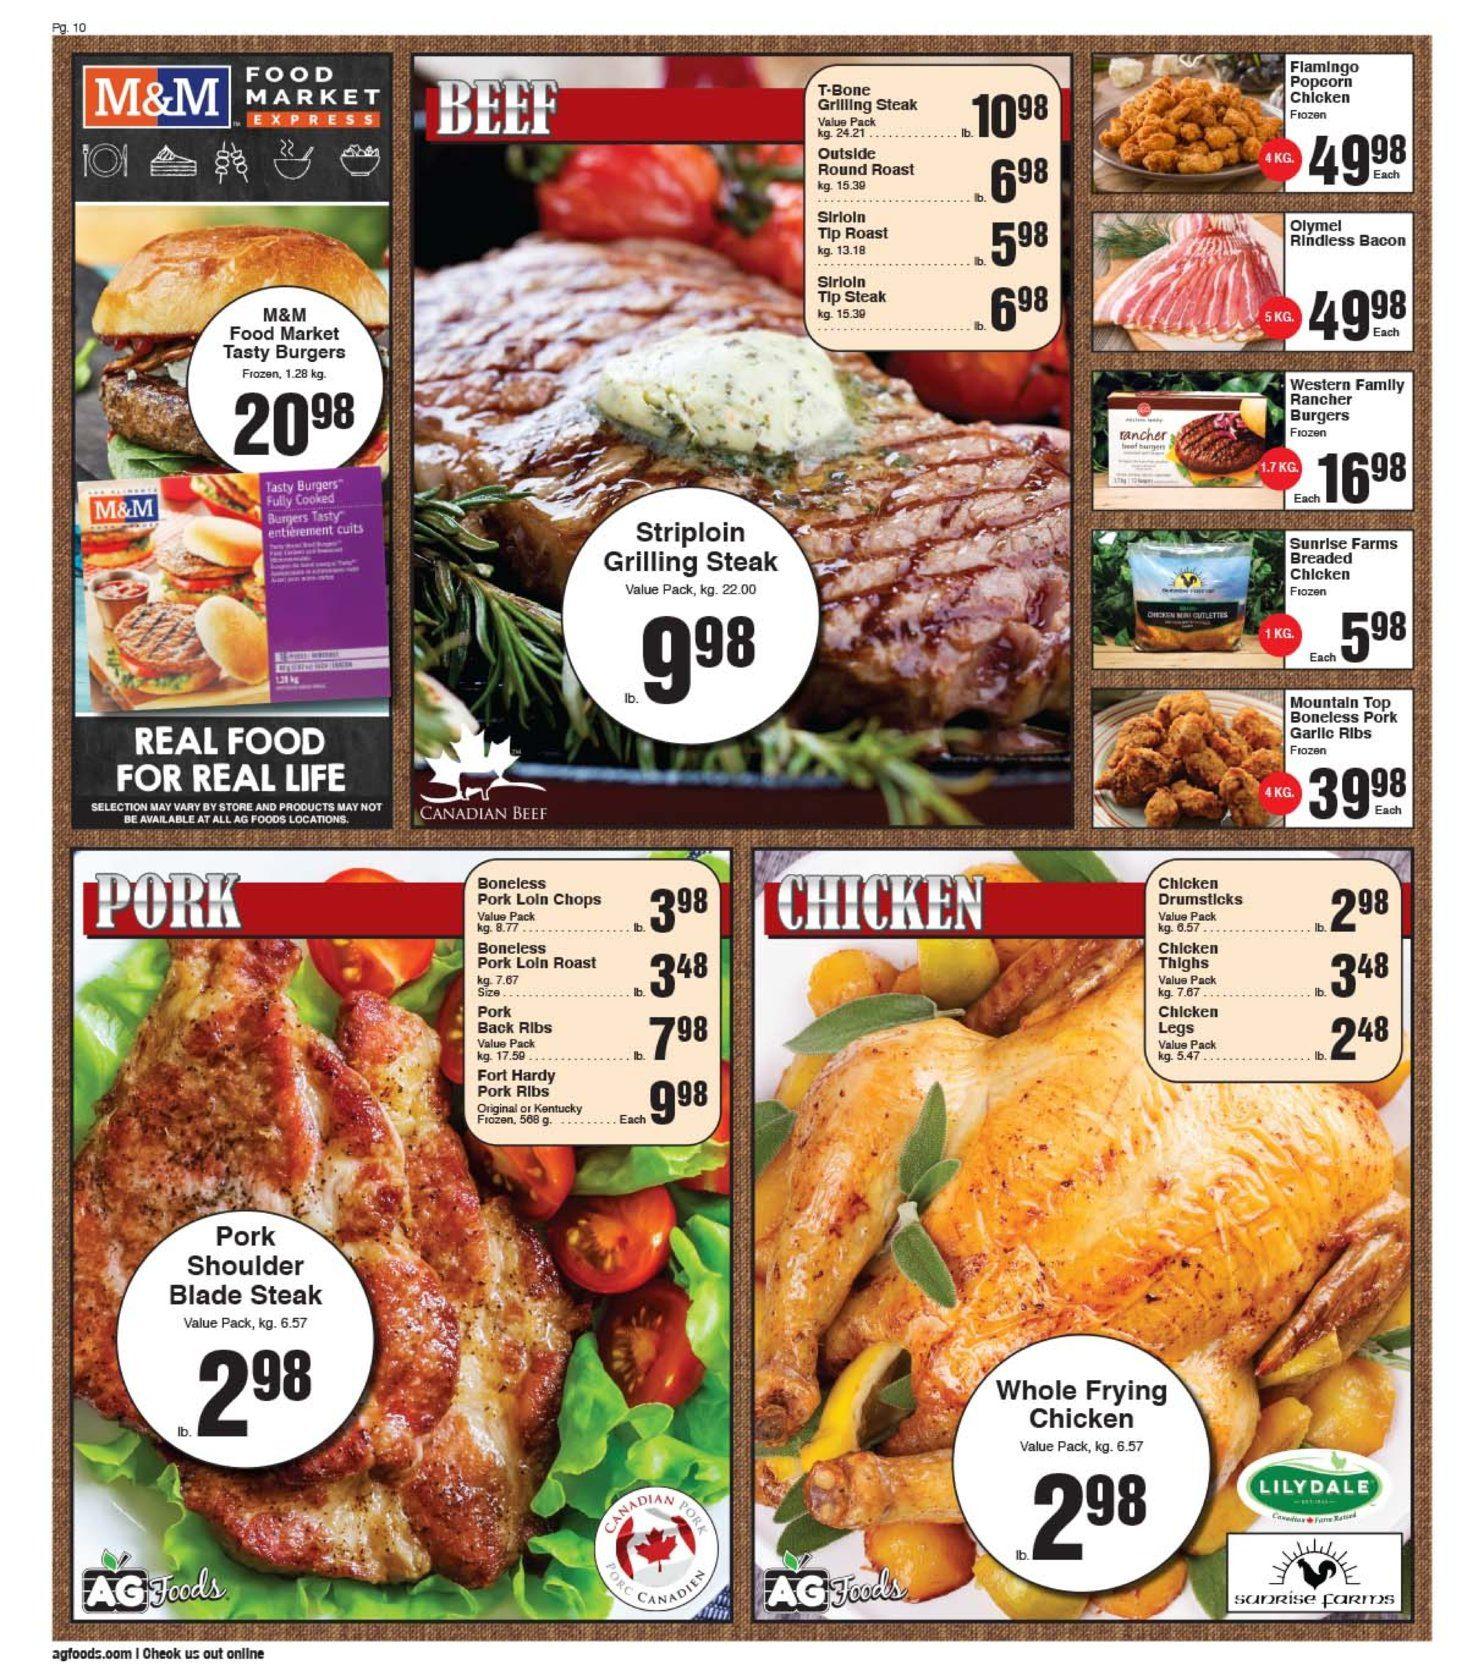 AG Foods - 2 Weeks of Savings - Page 10